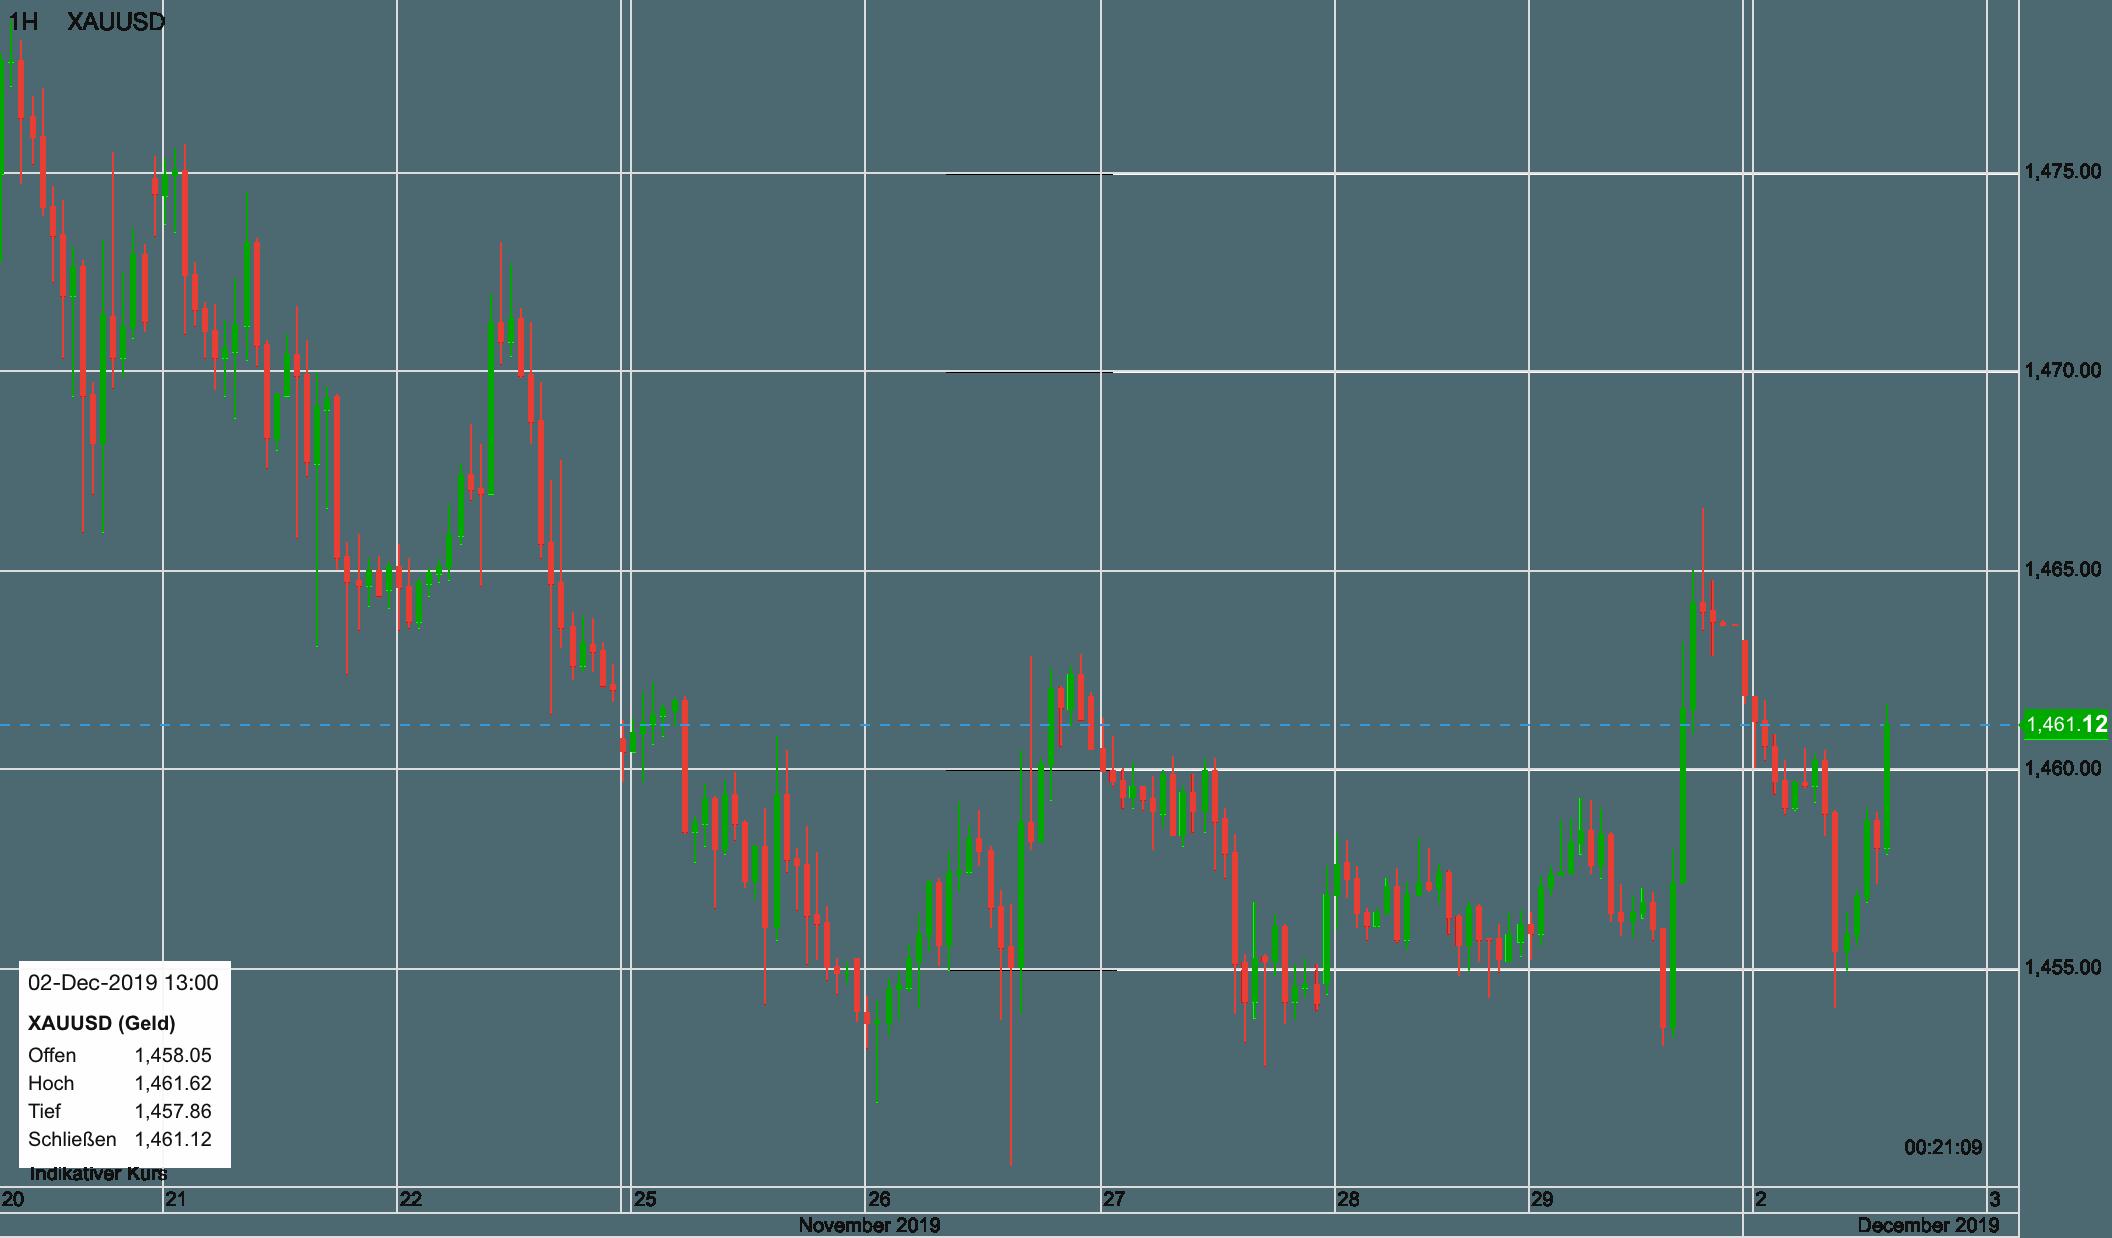 Der Goldpreis im Verlauf der letzten zehn Tage